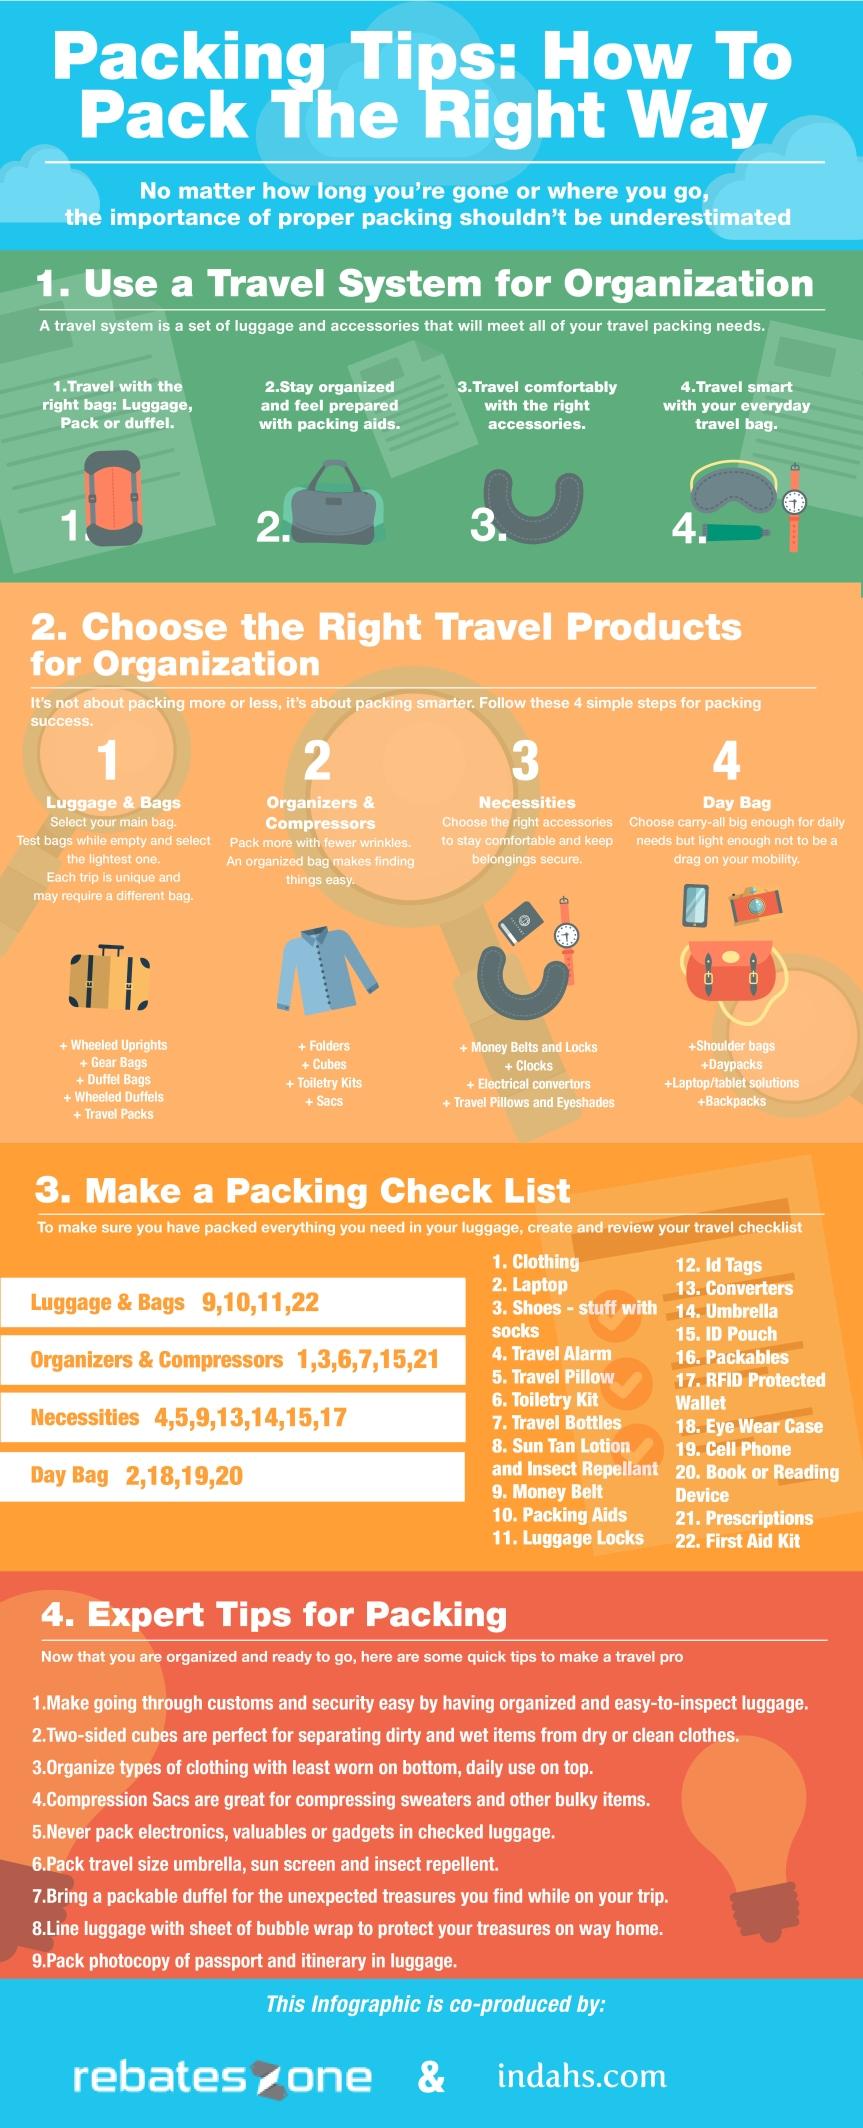 packing tips rebateszone indahs